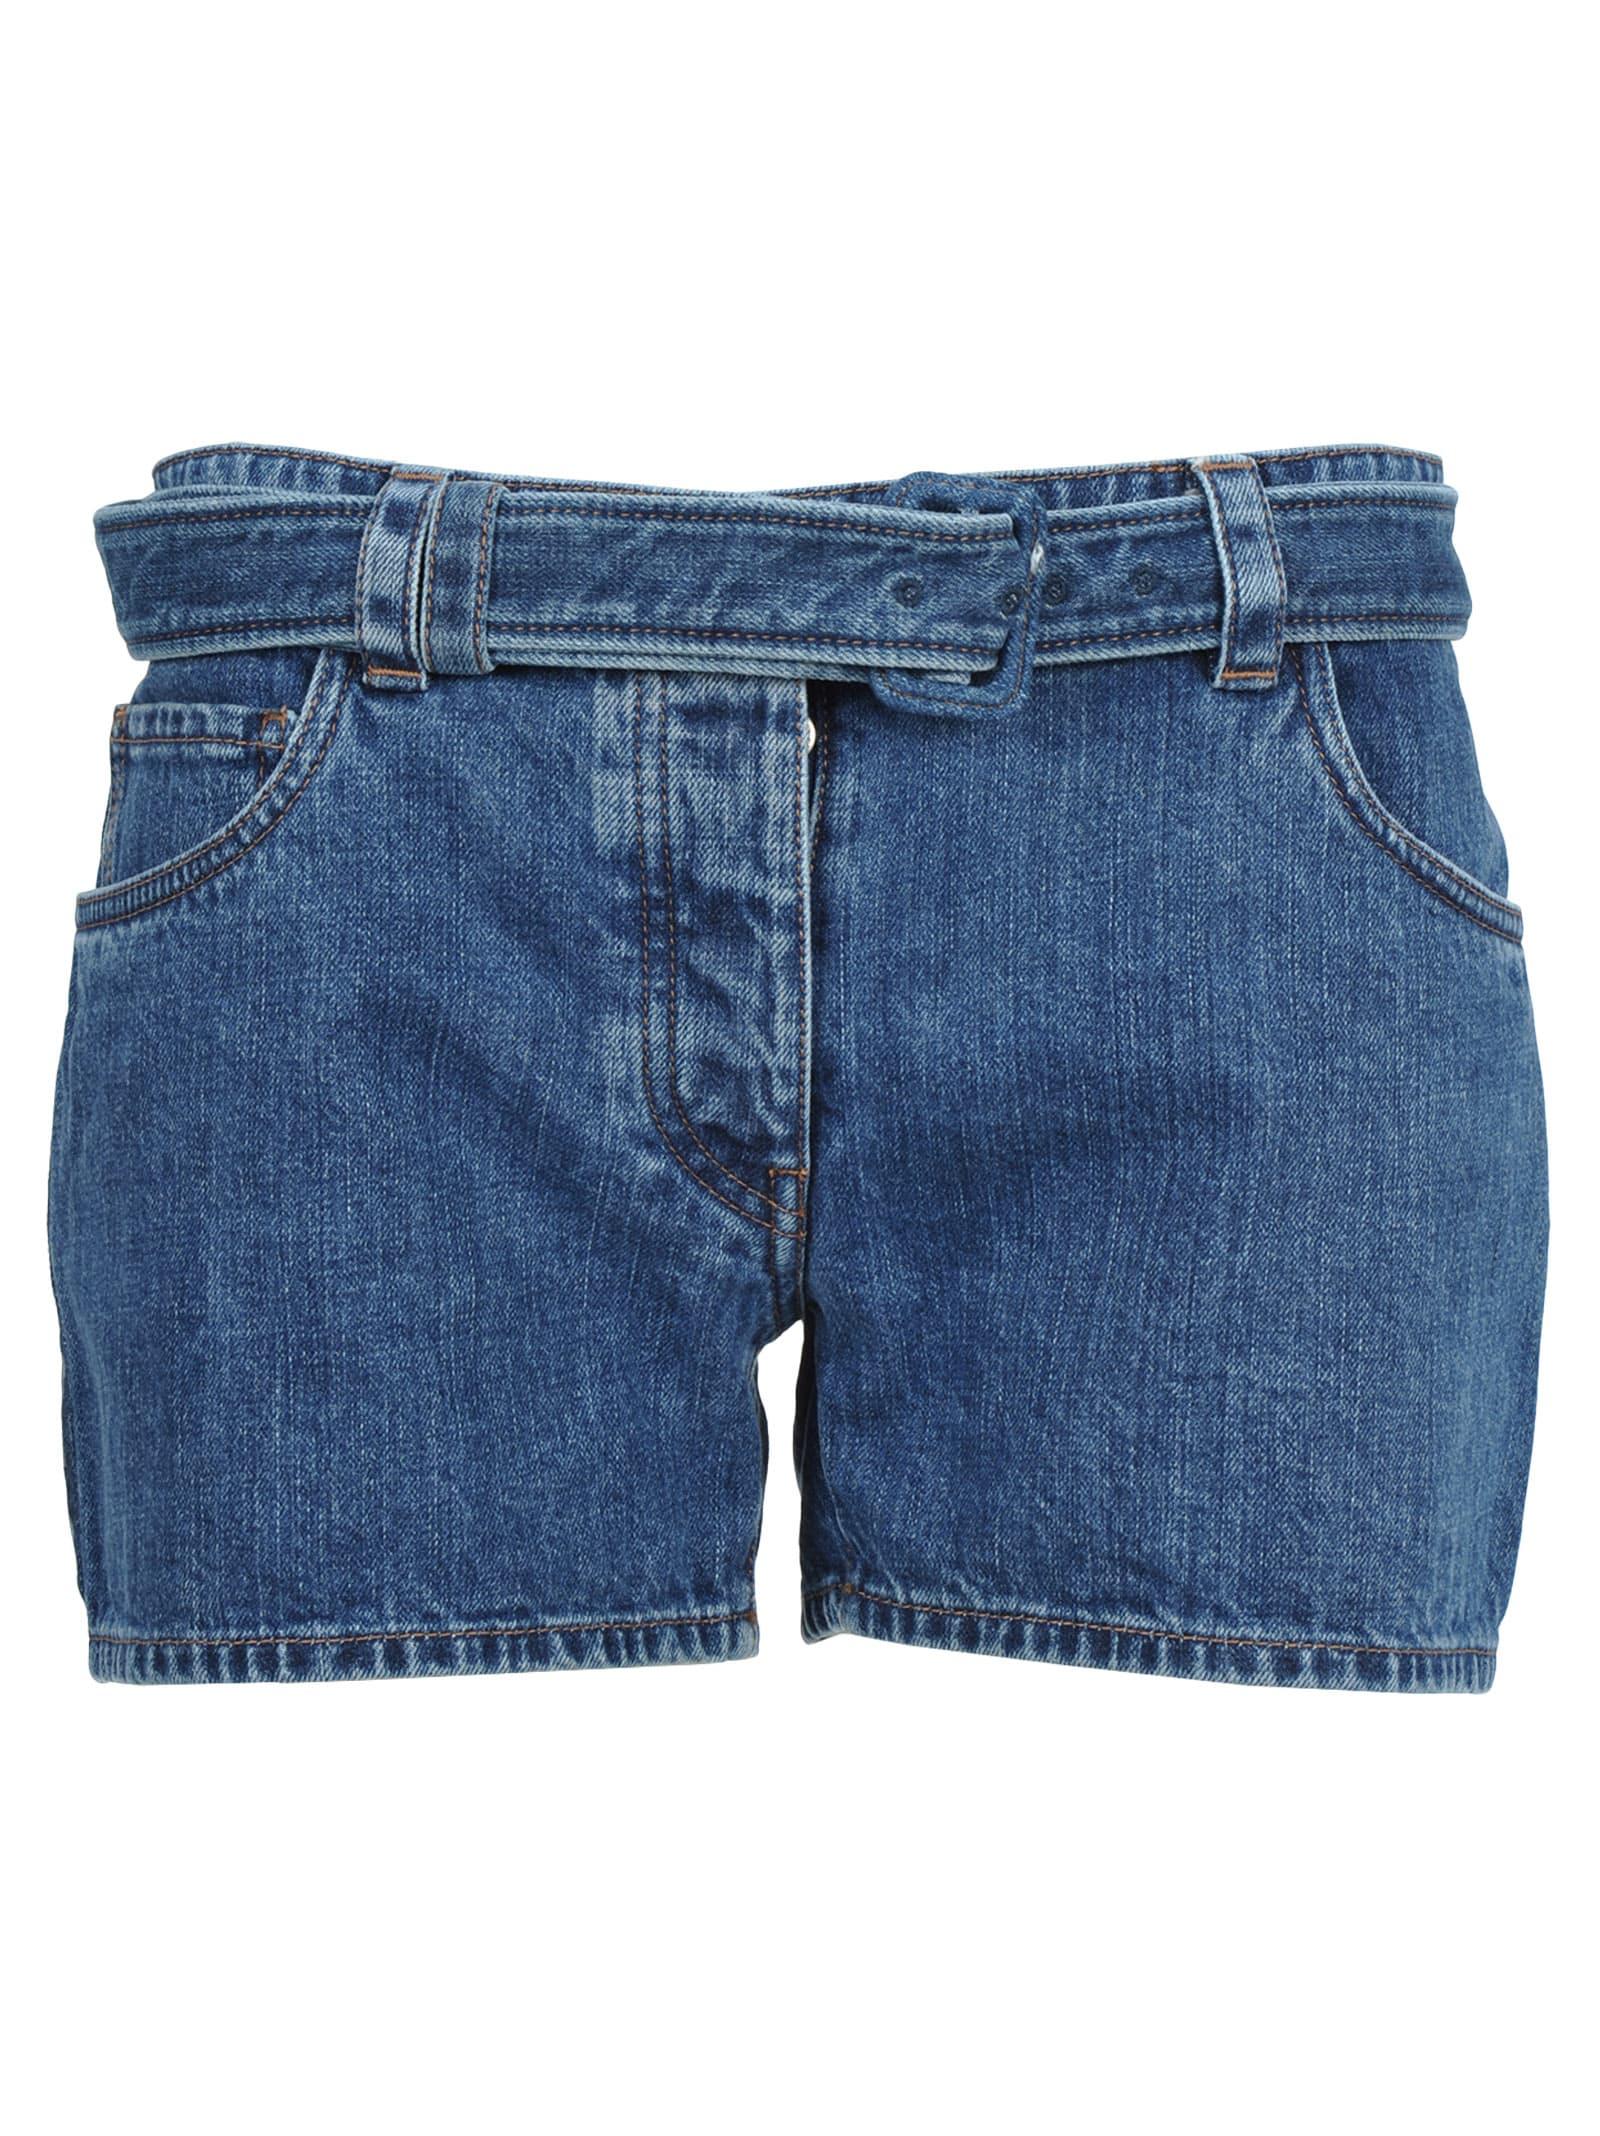 Prada Prada Denim Shorts